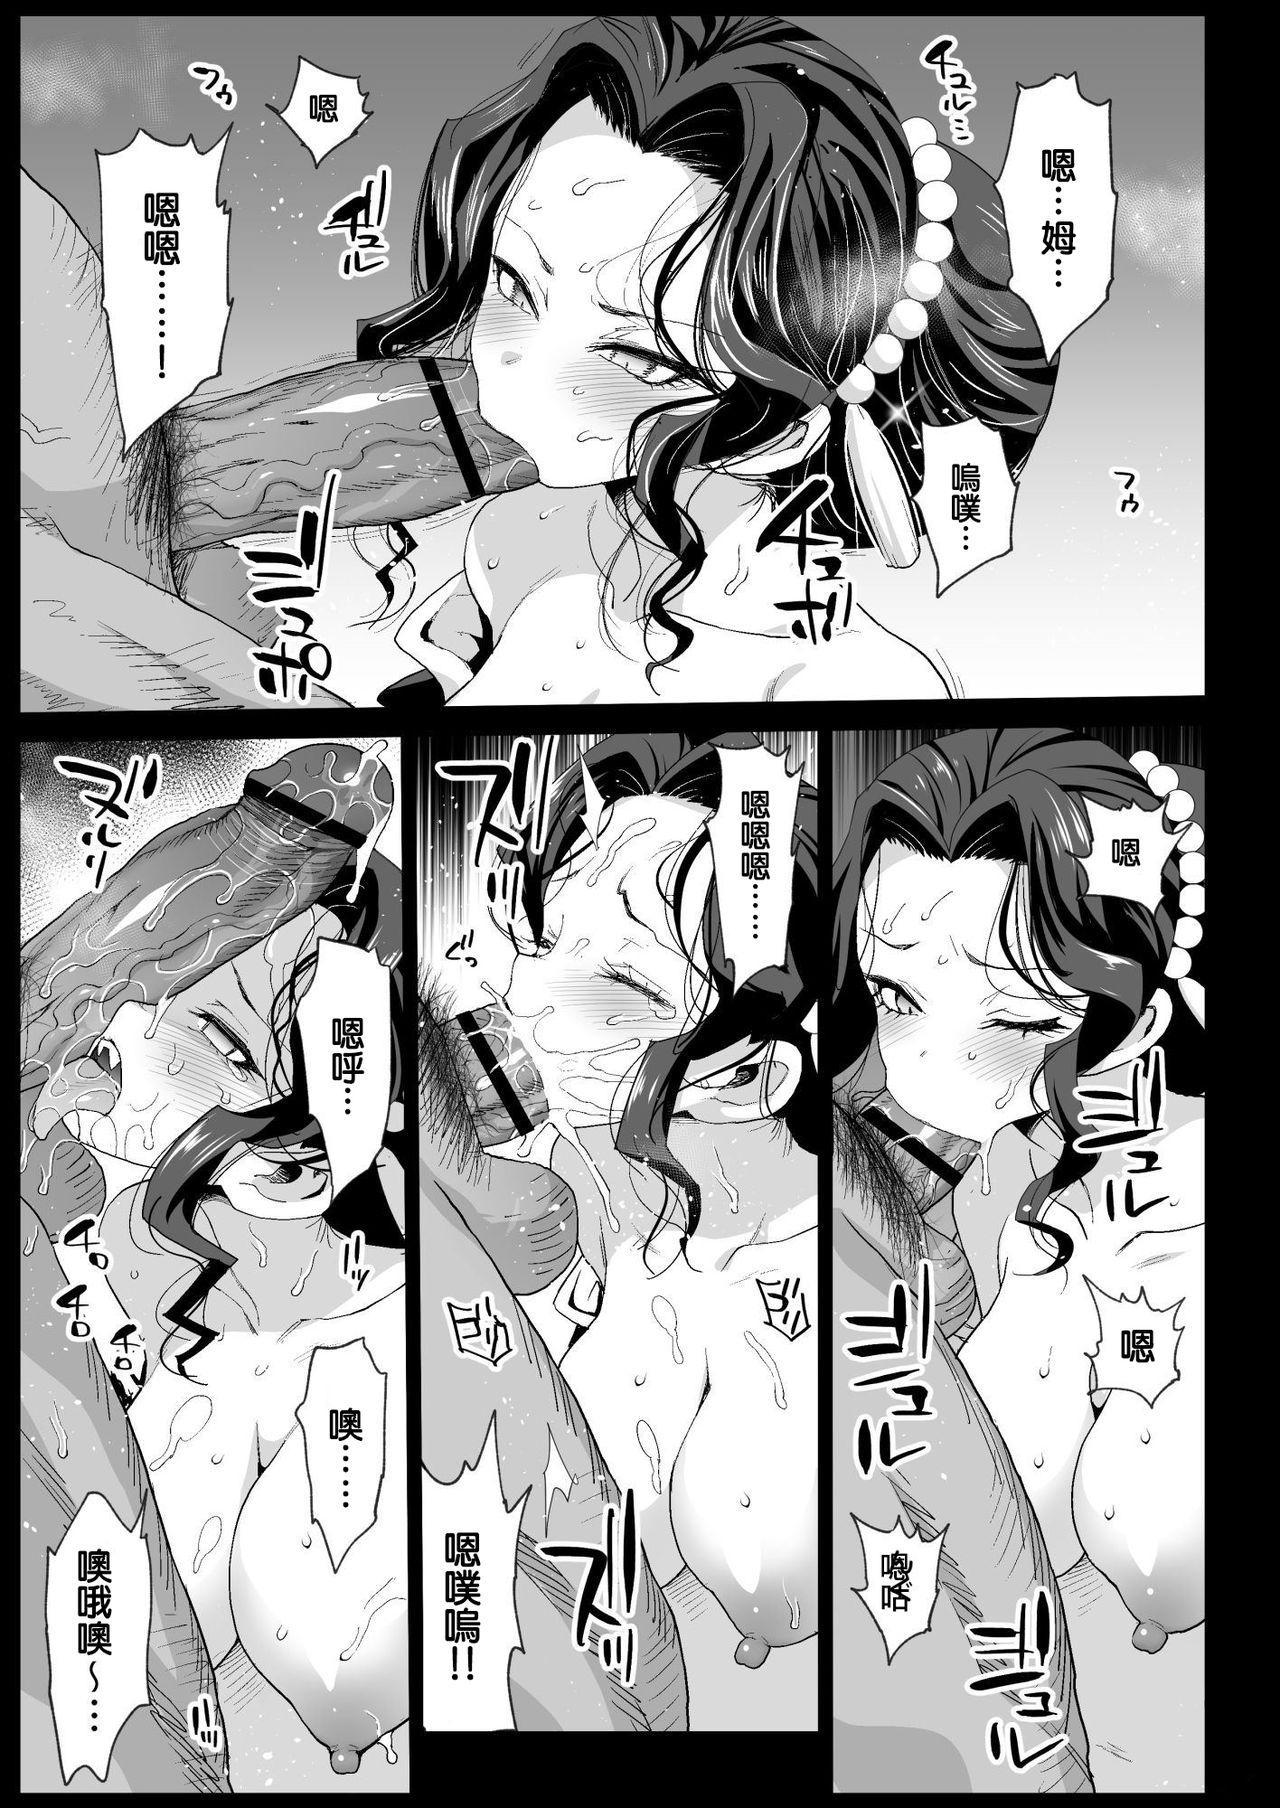 [Eromazun (Ma-kurou)] Mesu Ochi Jou Muzan-sama - RAPE OF DEMON SLAYER 4 (Kimetsu no Yaiba) [Chinese] [瑞树汉化组] [Digital] 19